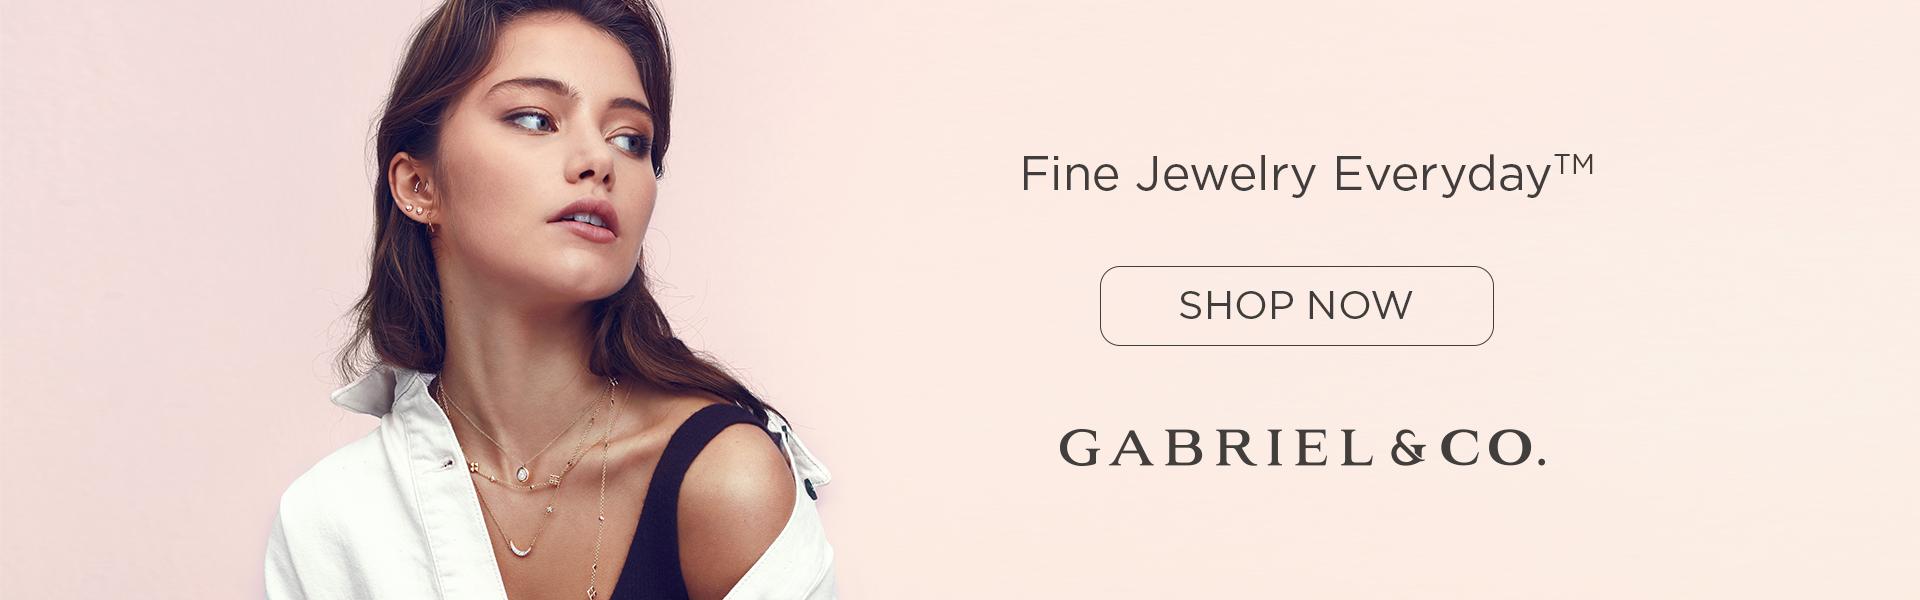 gabriel&co_fashion